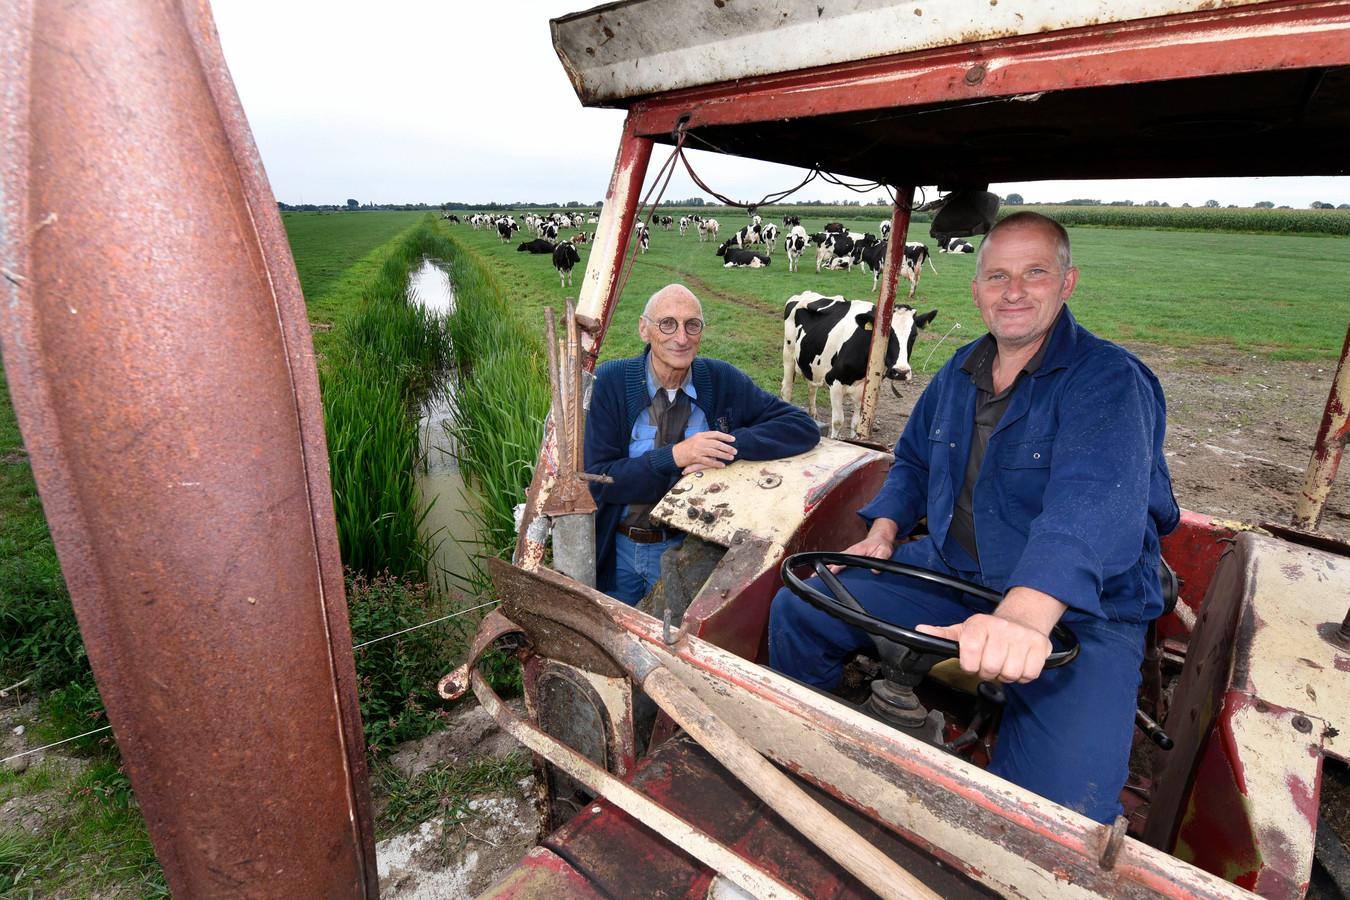 Archiefbeeld: Wethouder Walther Kok in 2018 in een weiland bij koeien. Boer Ben van Winden op de tractor, tractor staat op de plek waar de schaduwboom zou komen.